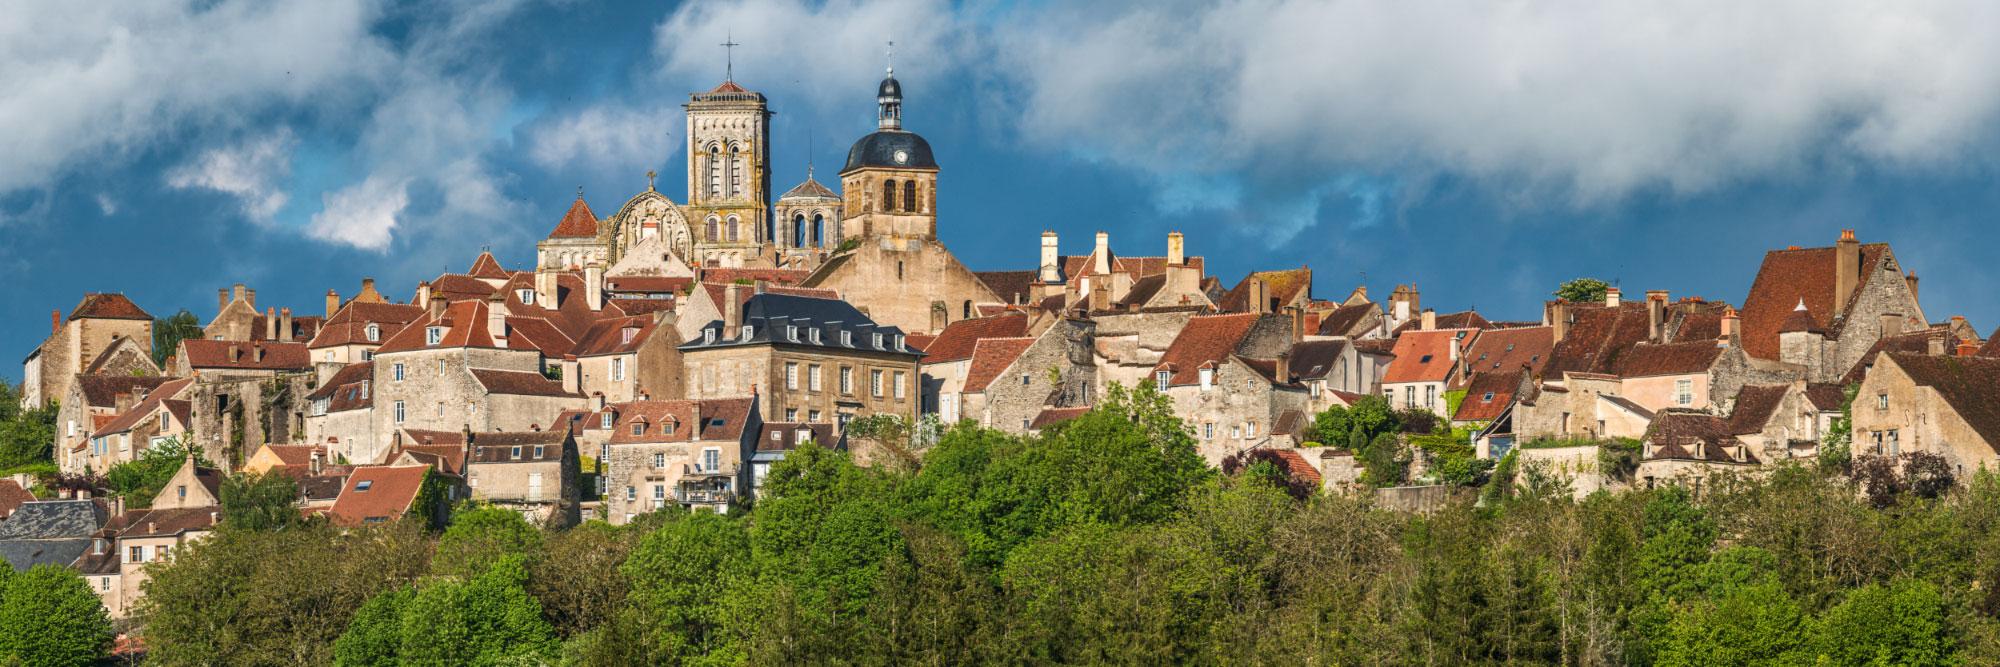 Lumière orageuse sur la Basilique de Vézelay surplombant les remparts